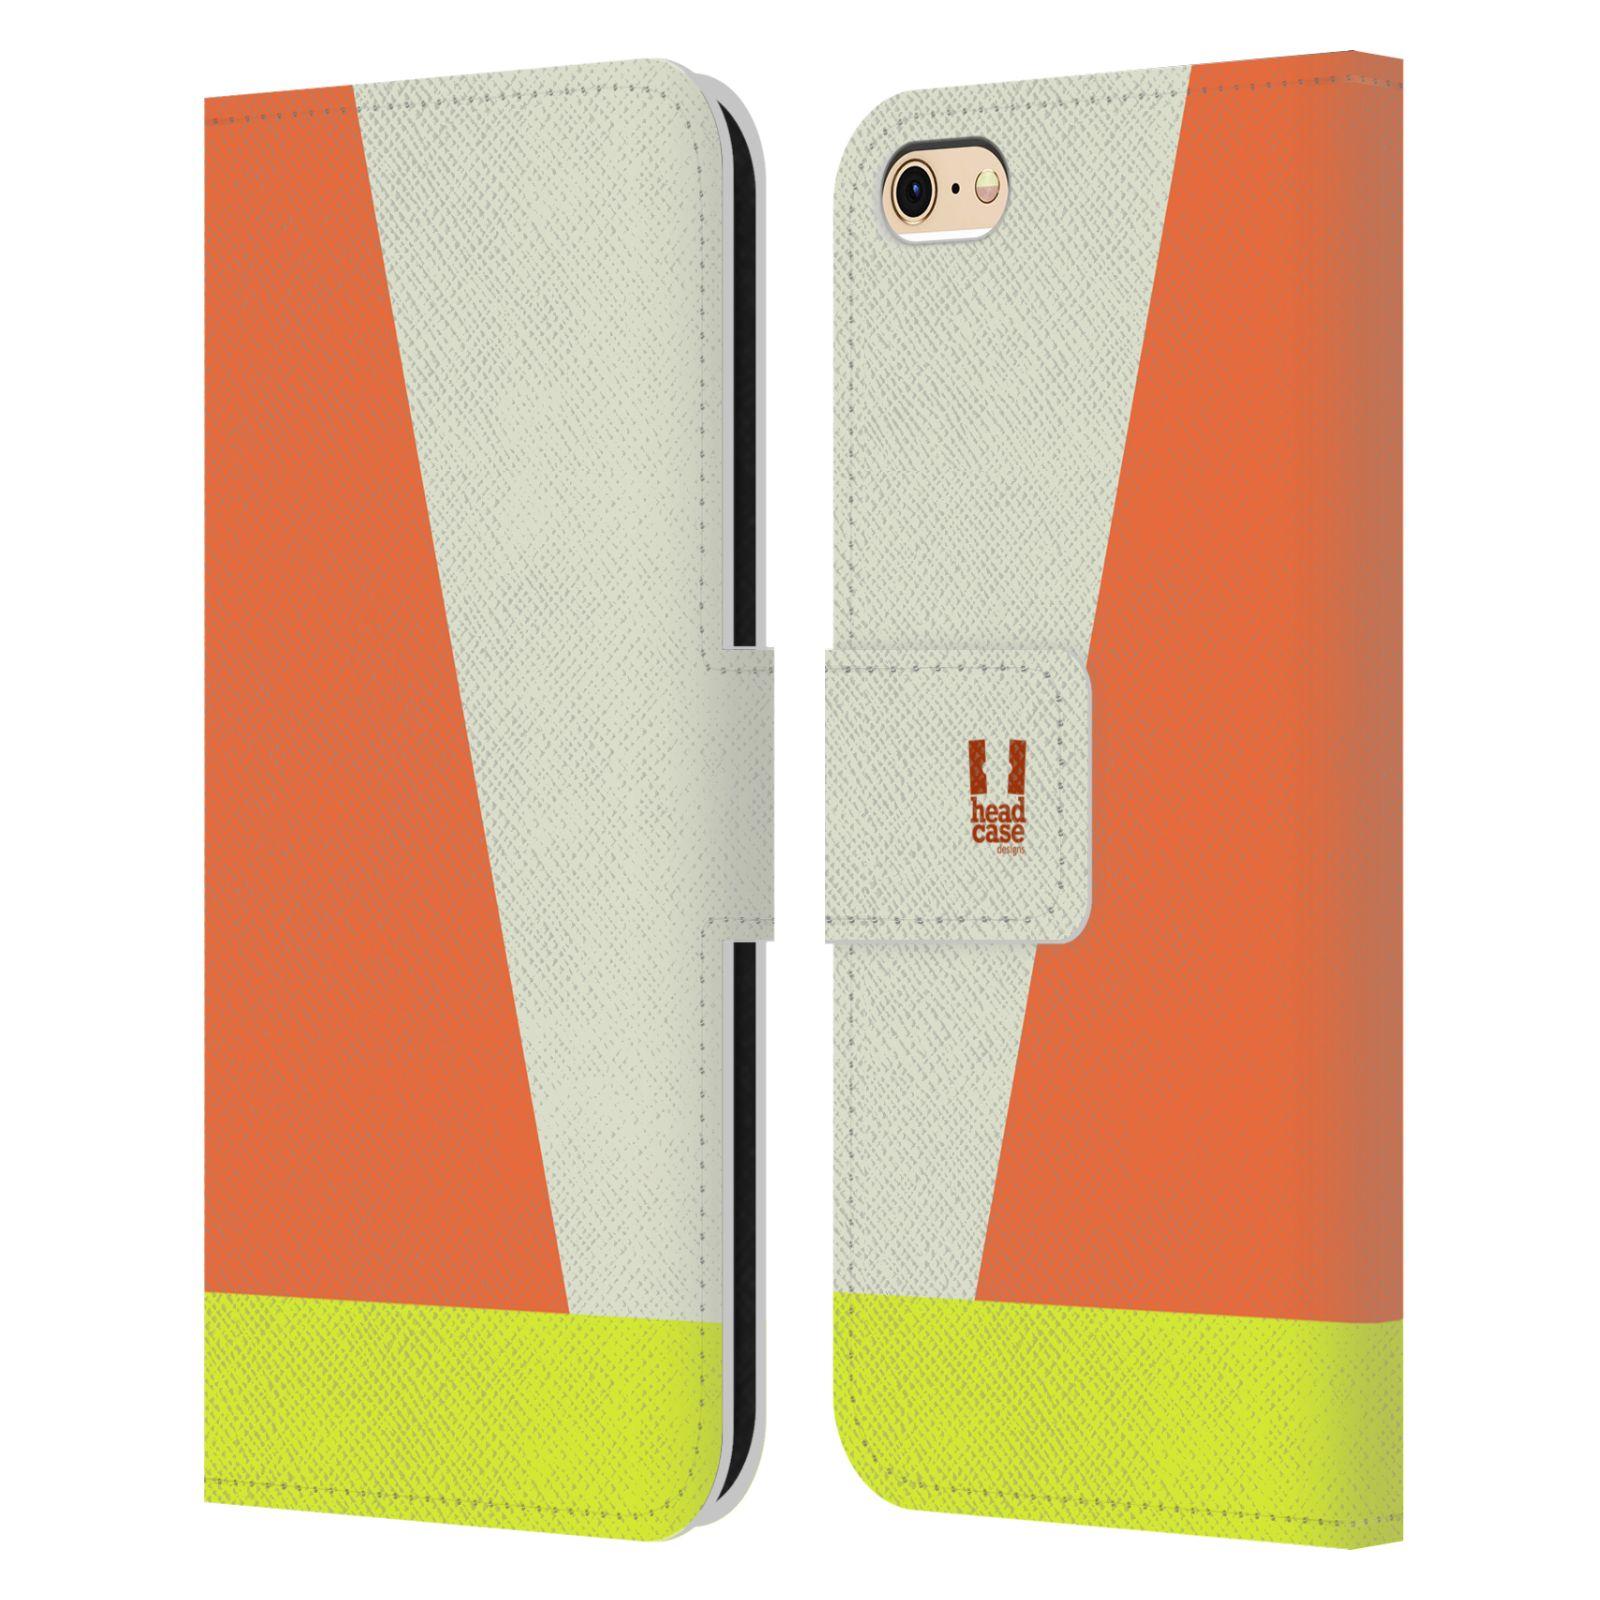 HEAD CASE Flipové pouzdro pro mobil Apple Iphone 6/6s barevné tvary slonová kost